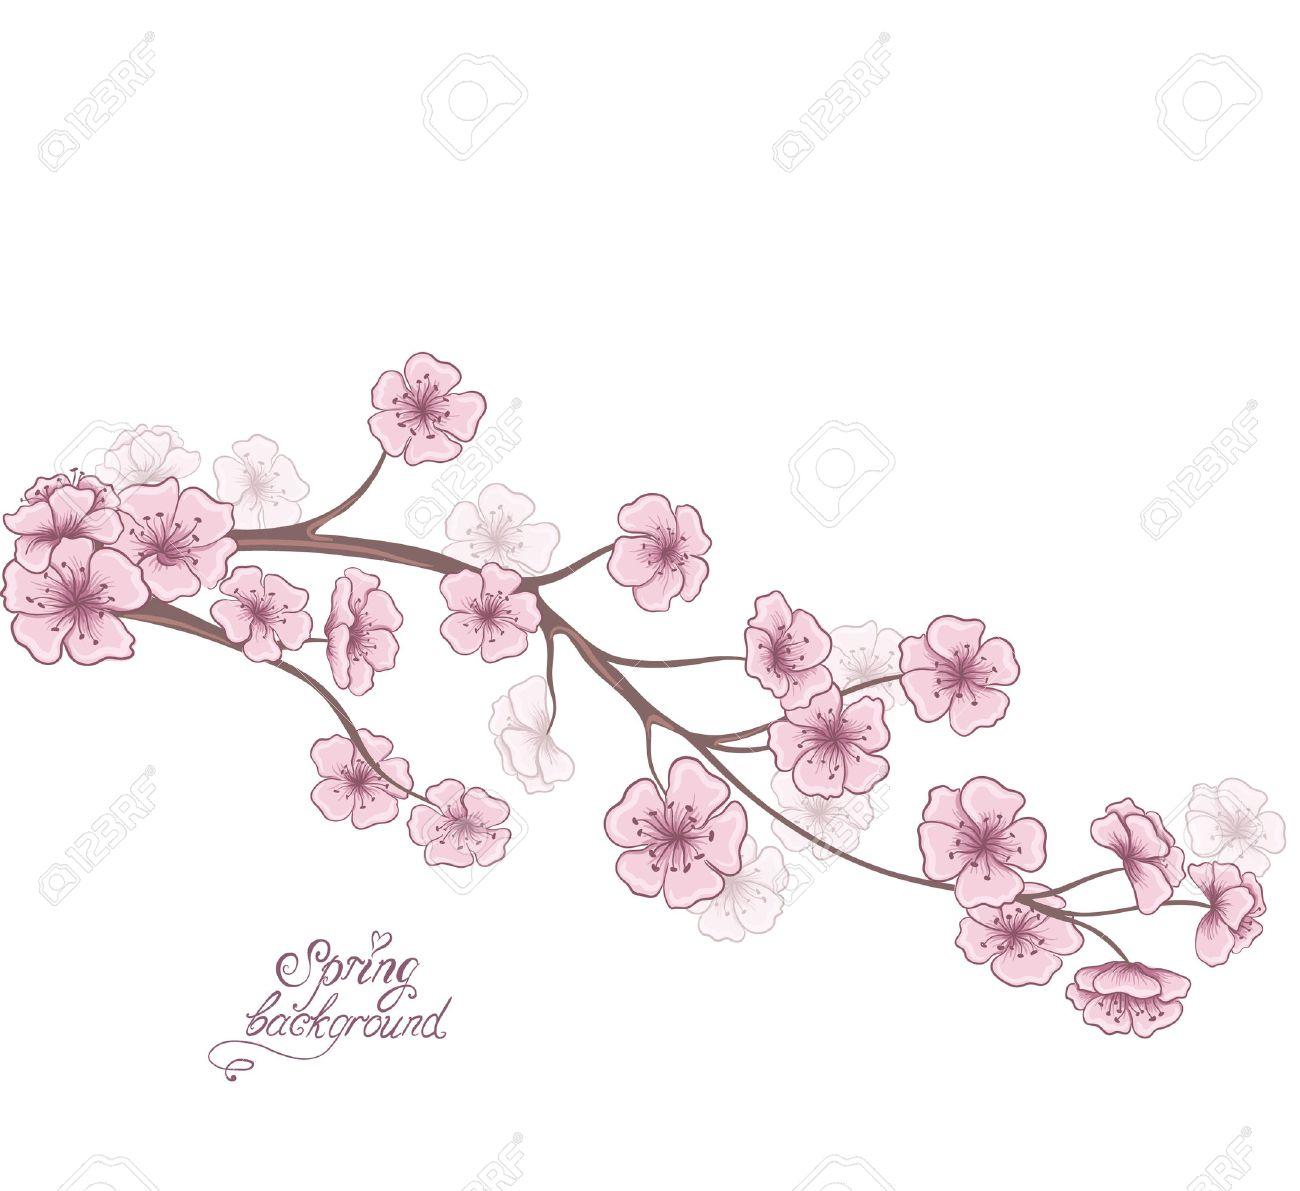 Branche De Cerisier En Fleurs Isole Sur Un Fond Blanc Decoratif